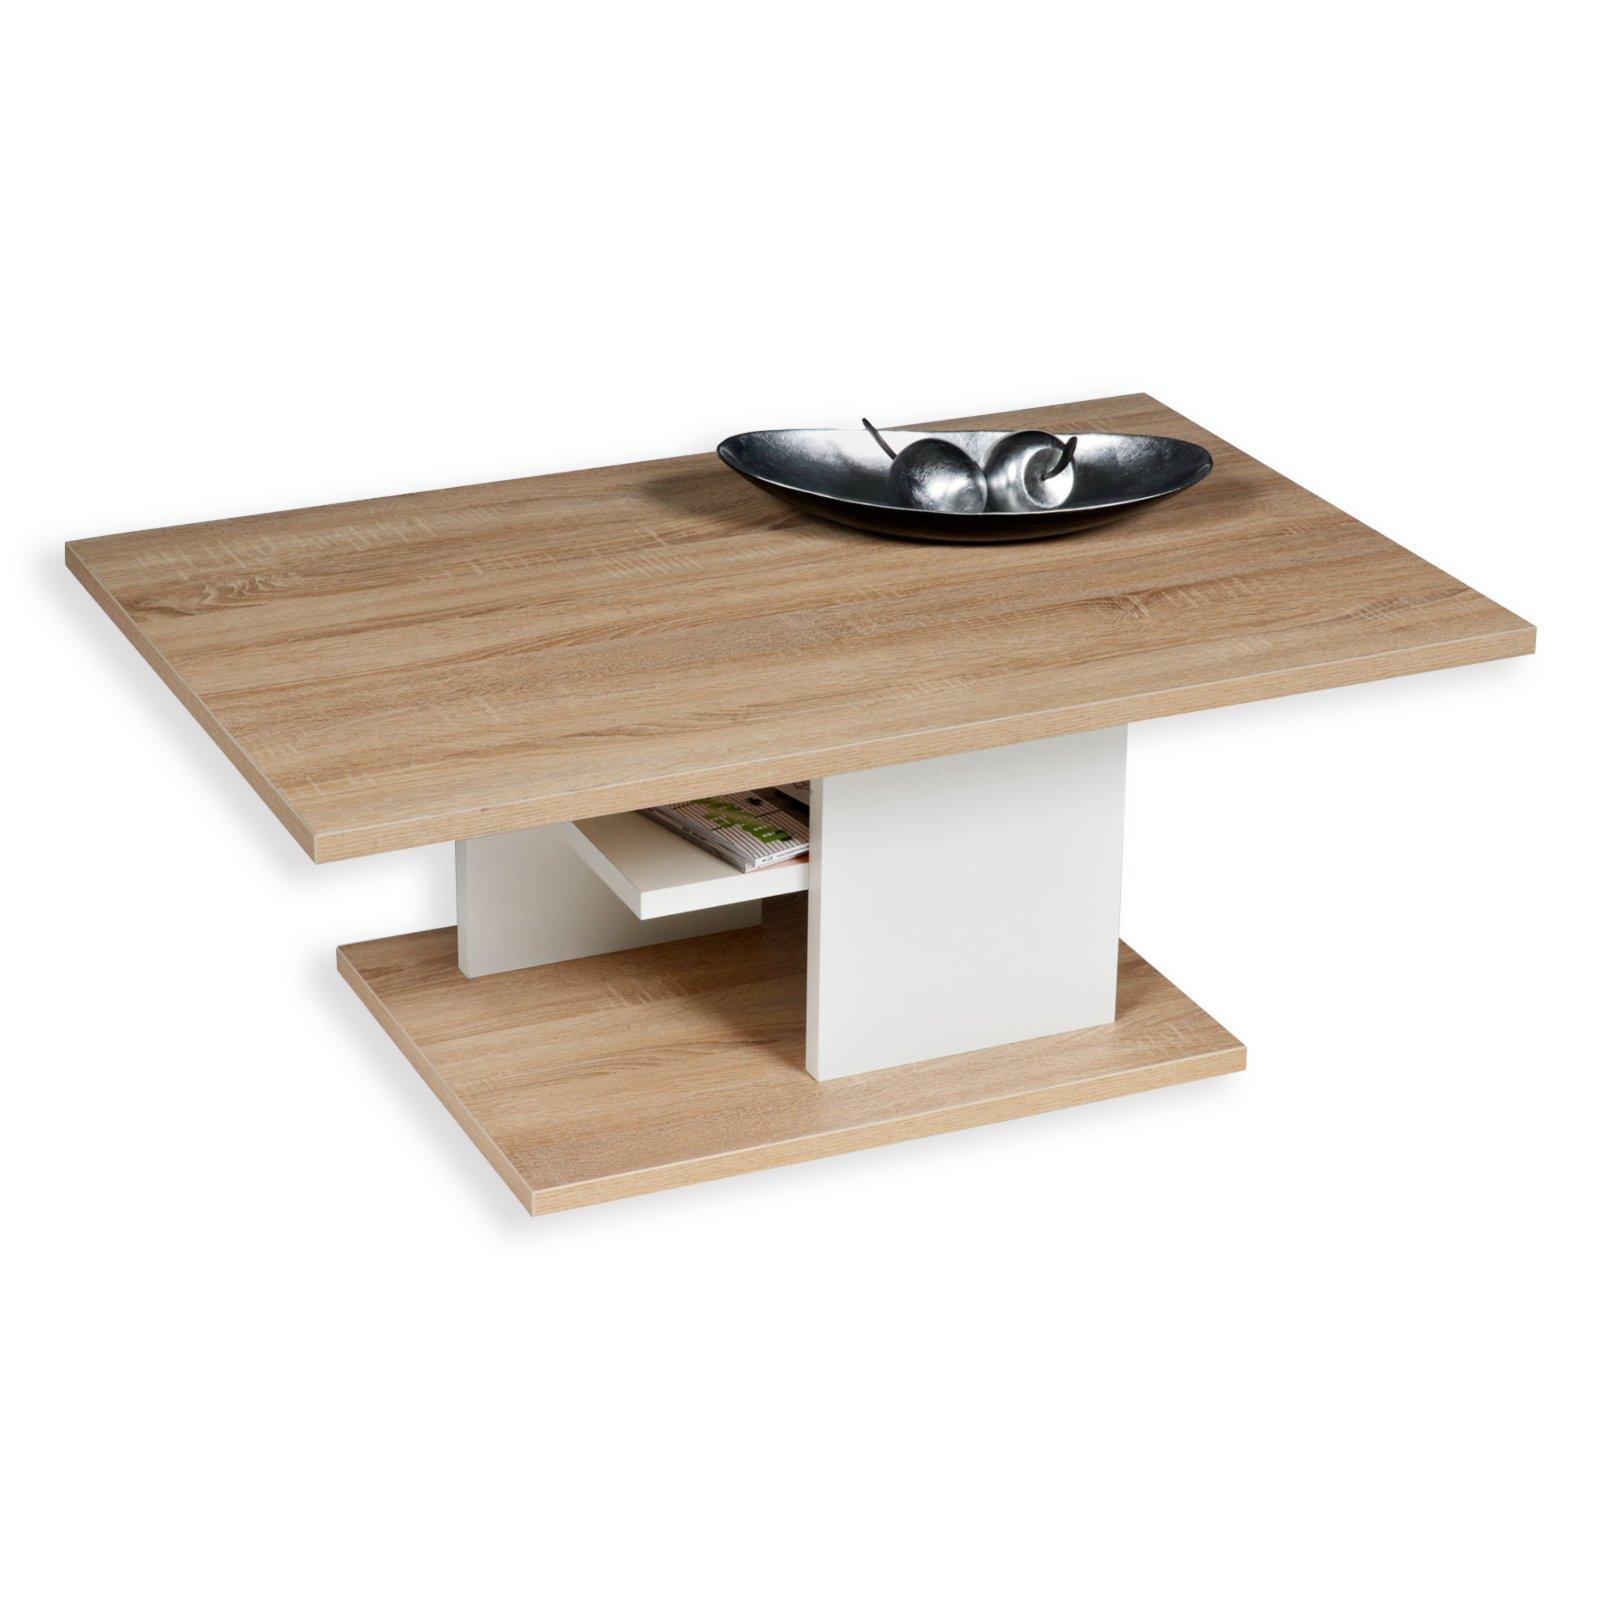 couchtisch davos sonoma eiche wei mit ablage couchtische wohnzimmer wohnbereiche roller. Black Bedroom Furniture Sets. Home Design Ideas